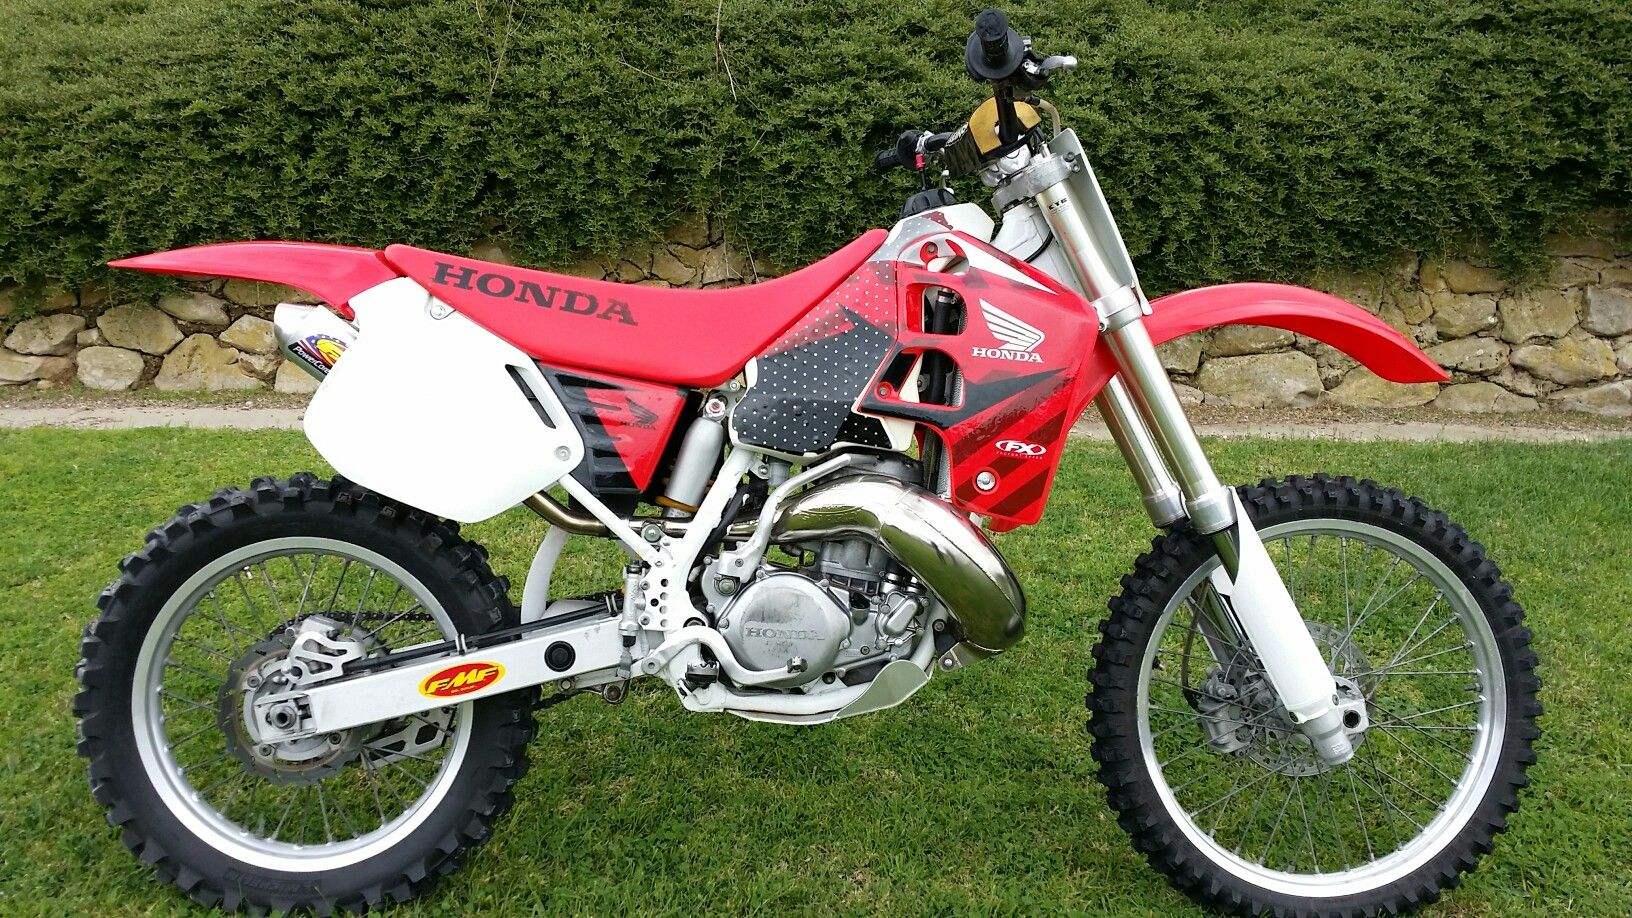 Honda cr500 2000 honda motorcycle moped